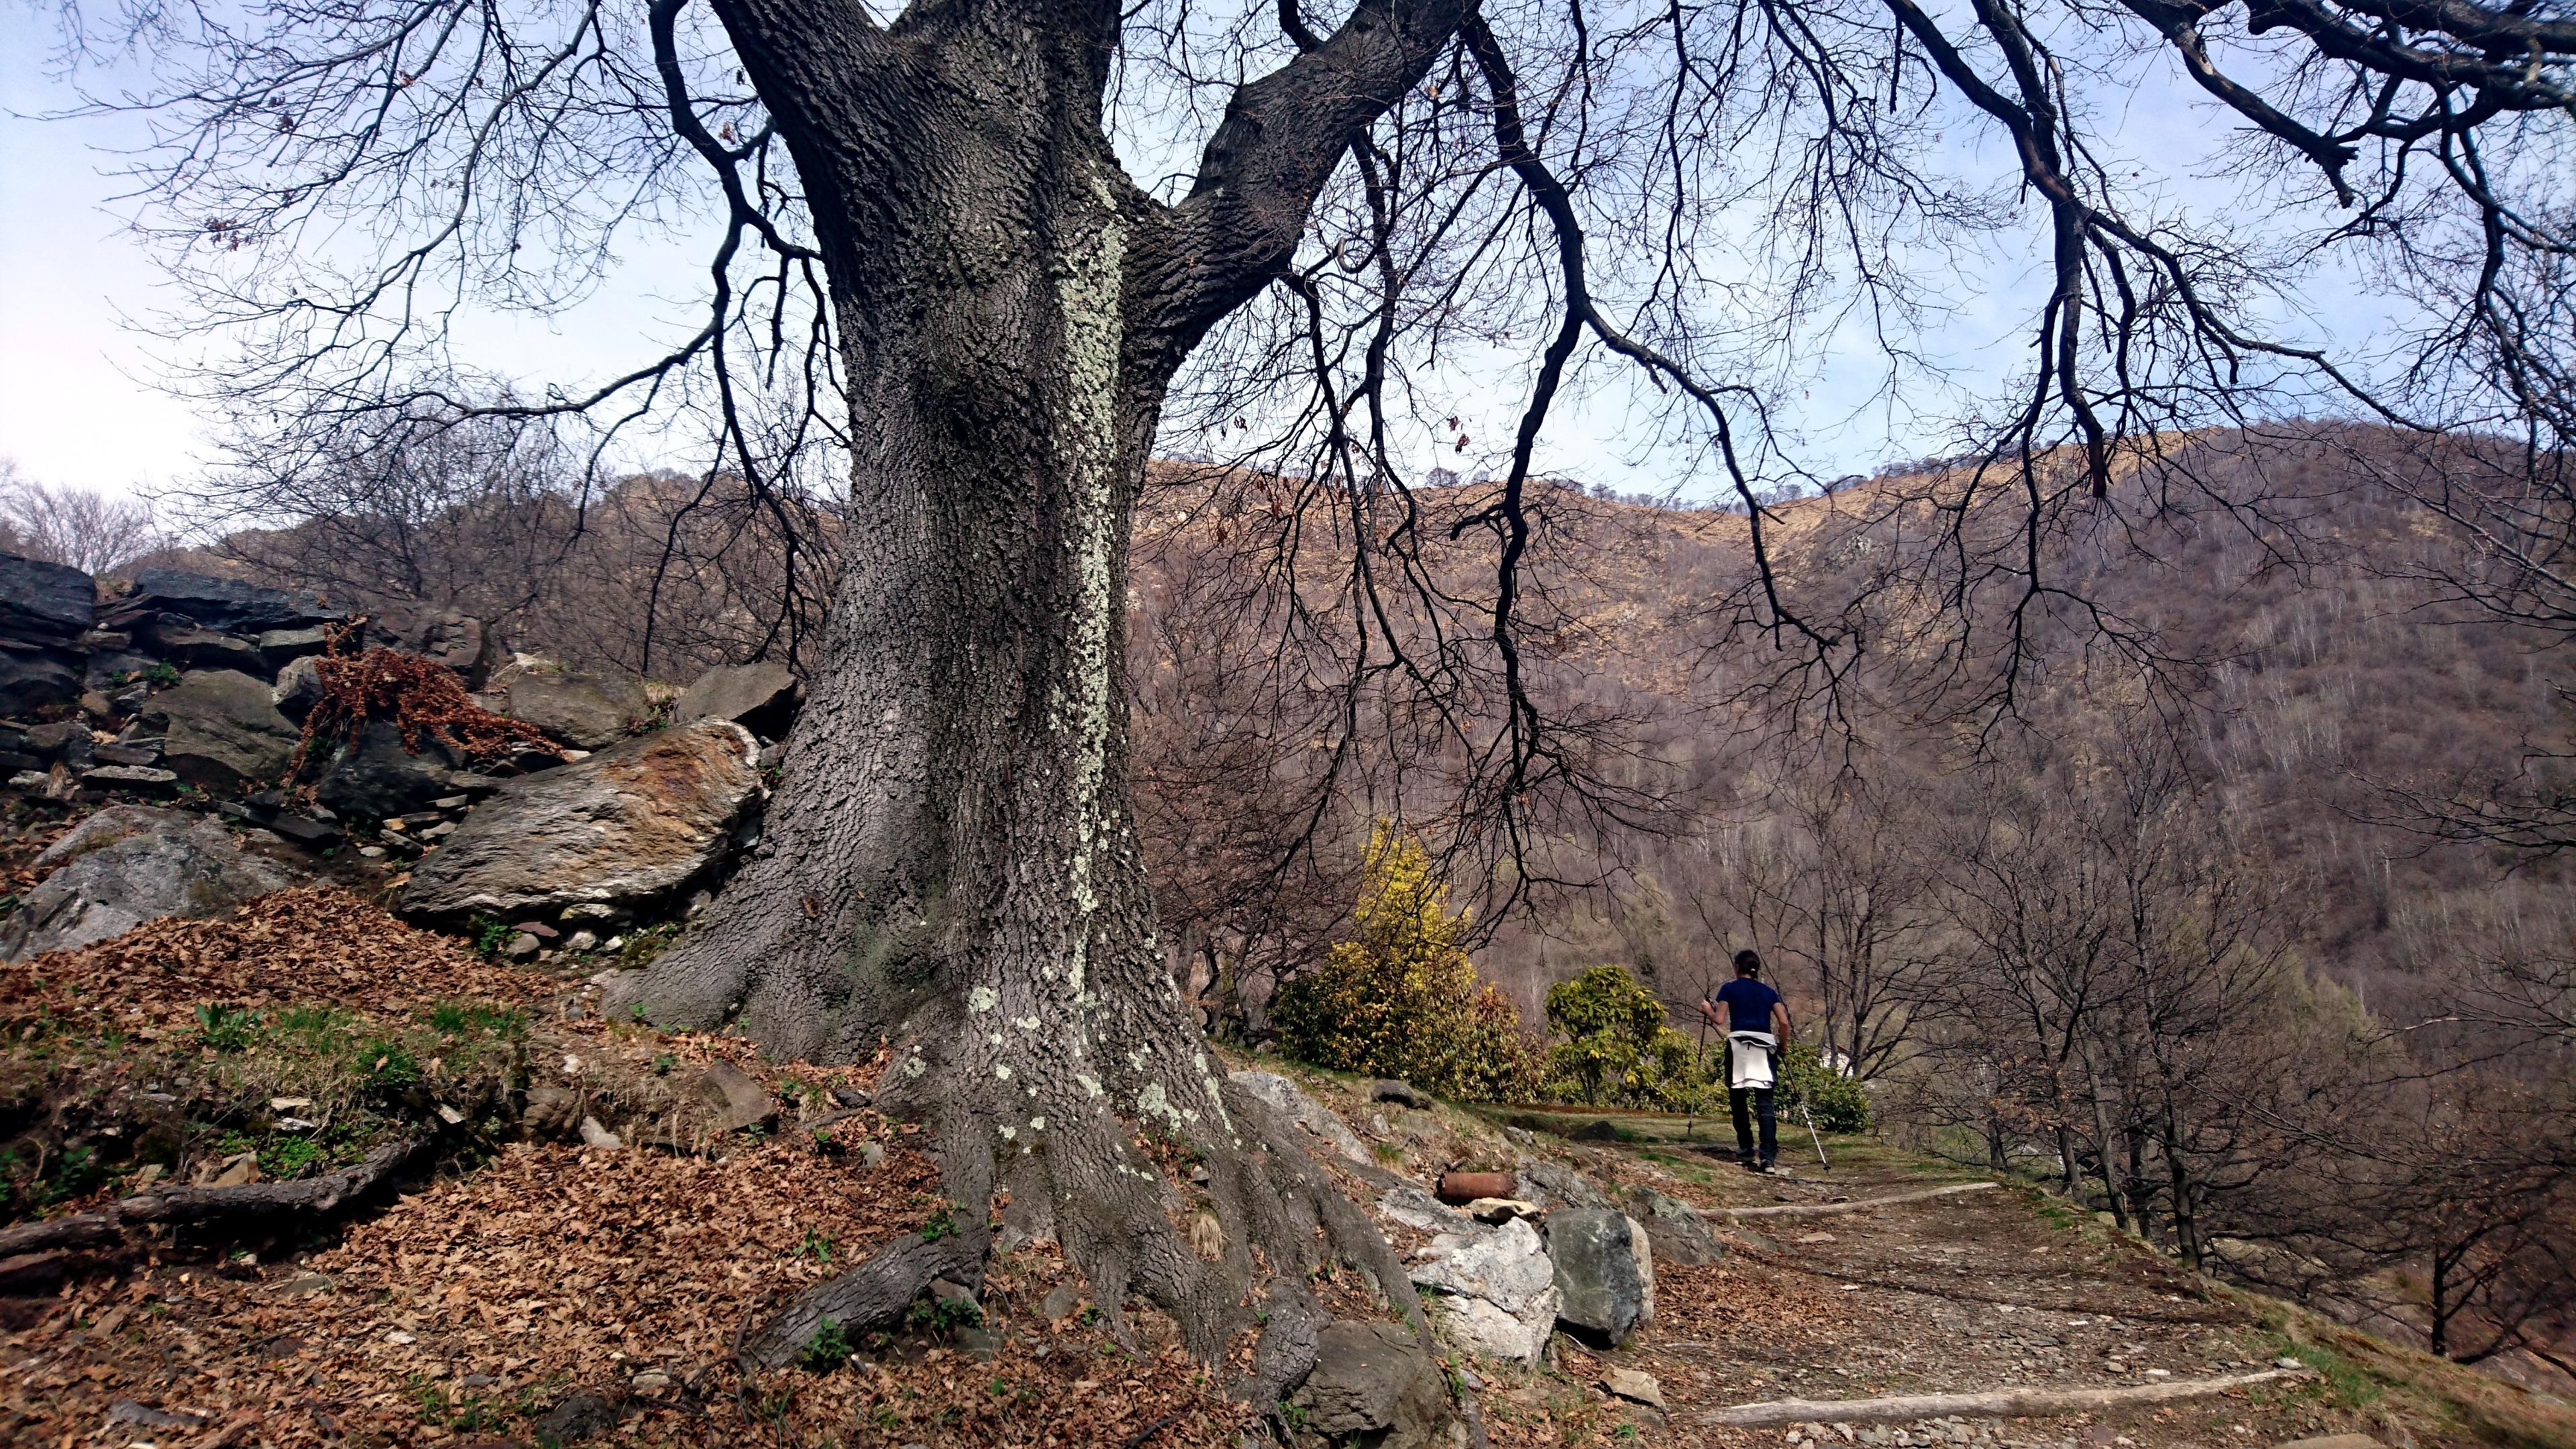 in questa zona si trovano moltissimi alberi maestosi e antichi, soprattutto quercie e faggi isolati.